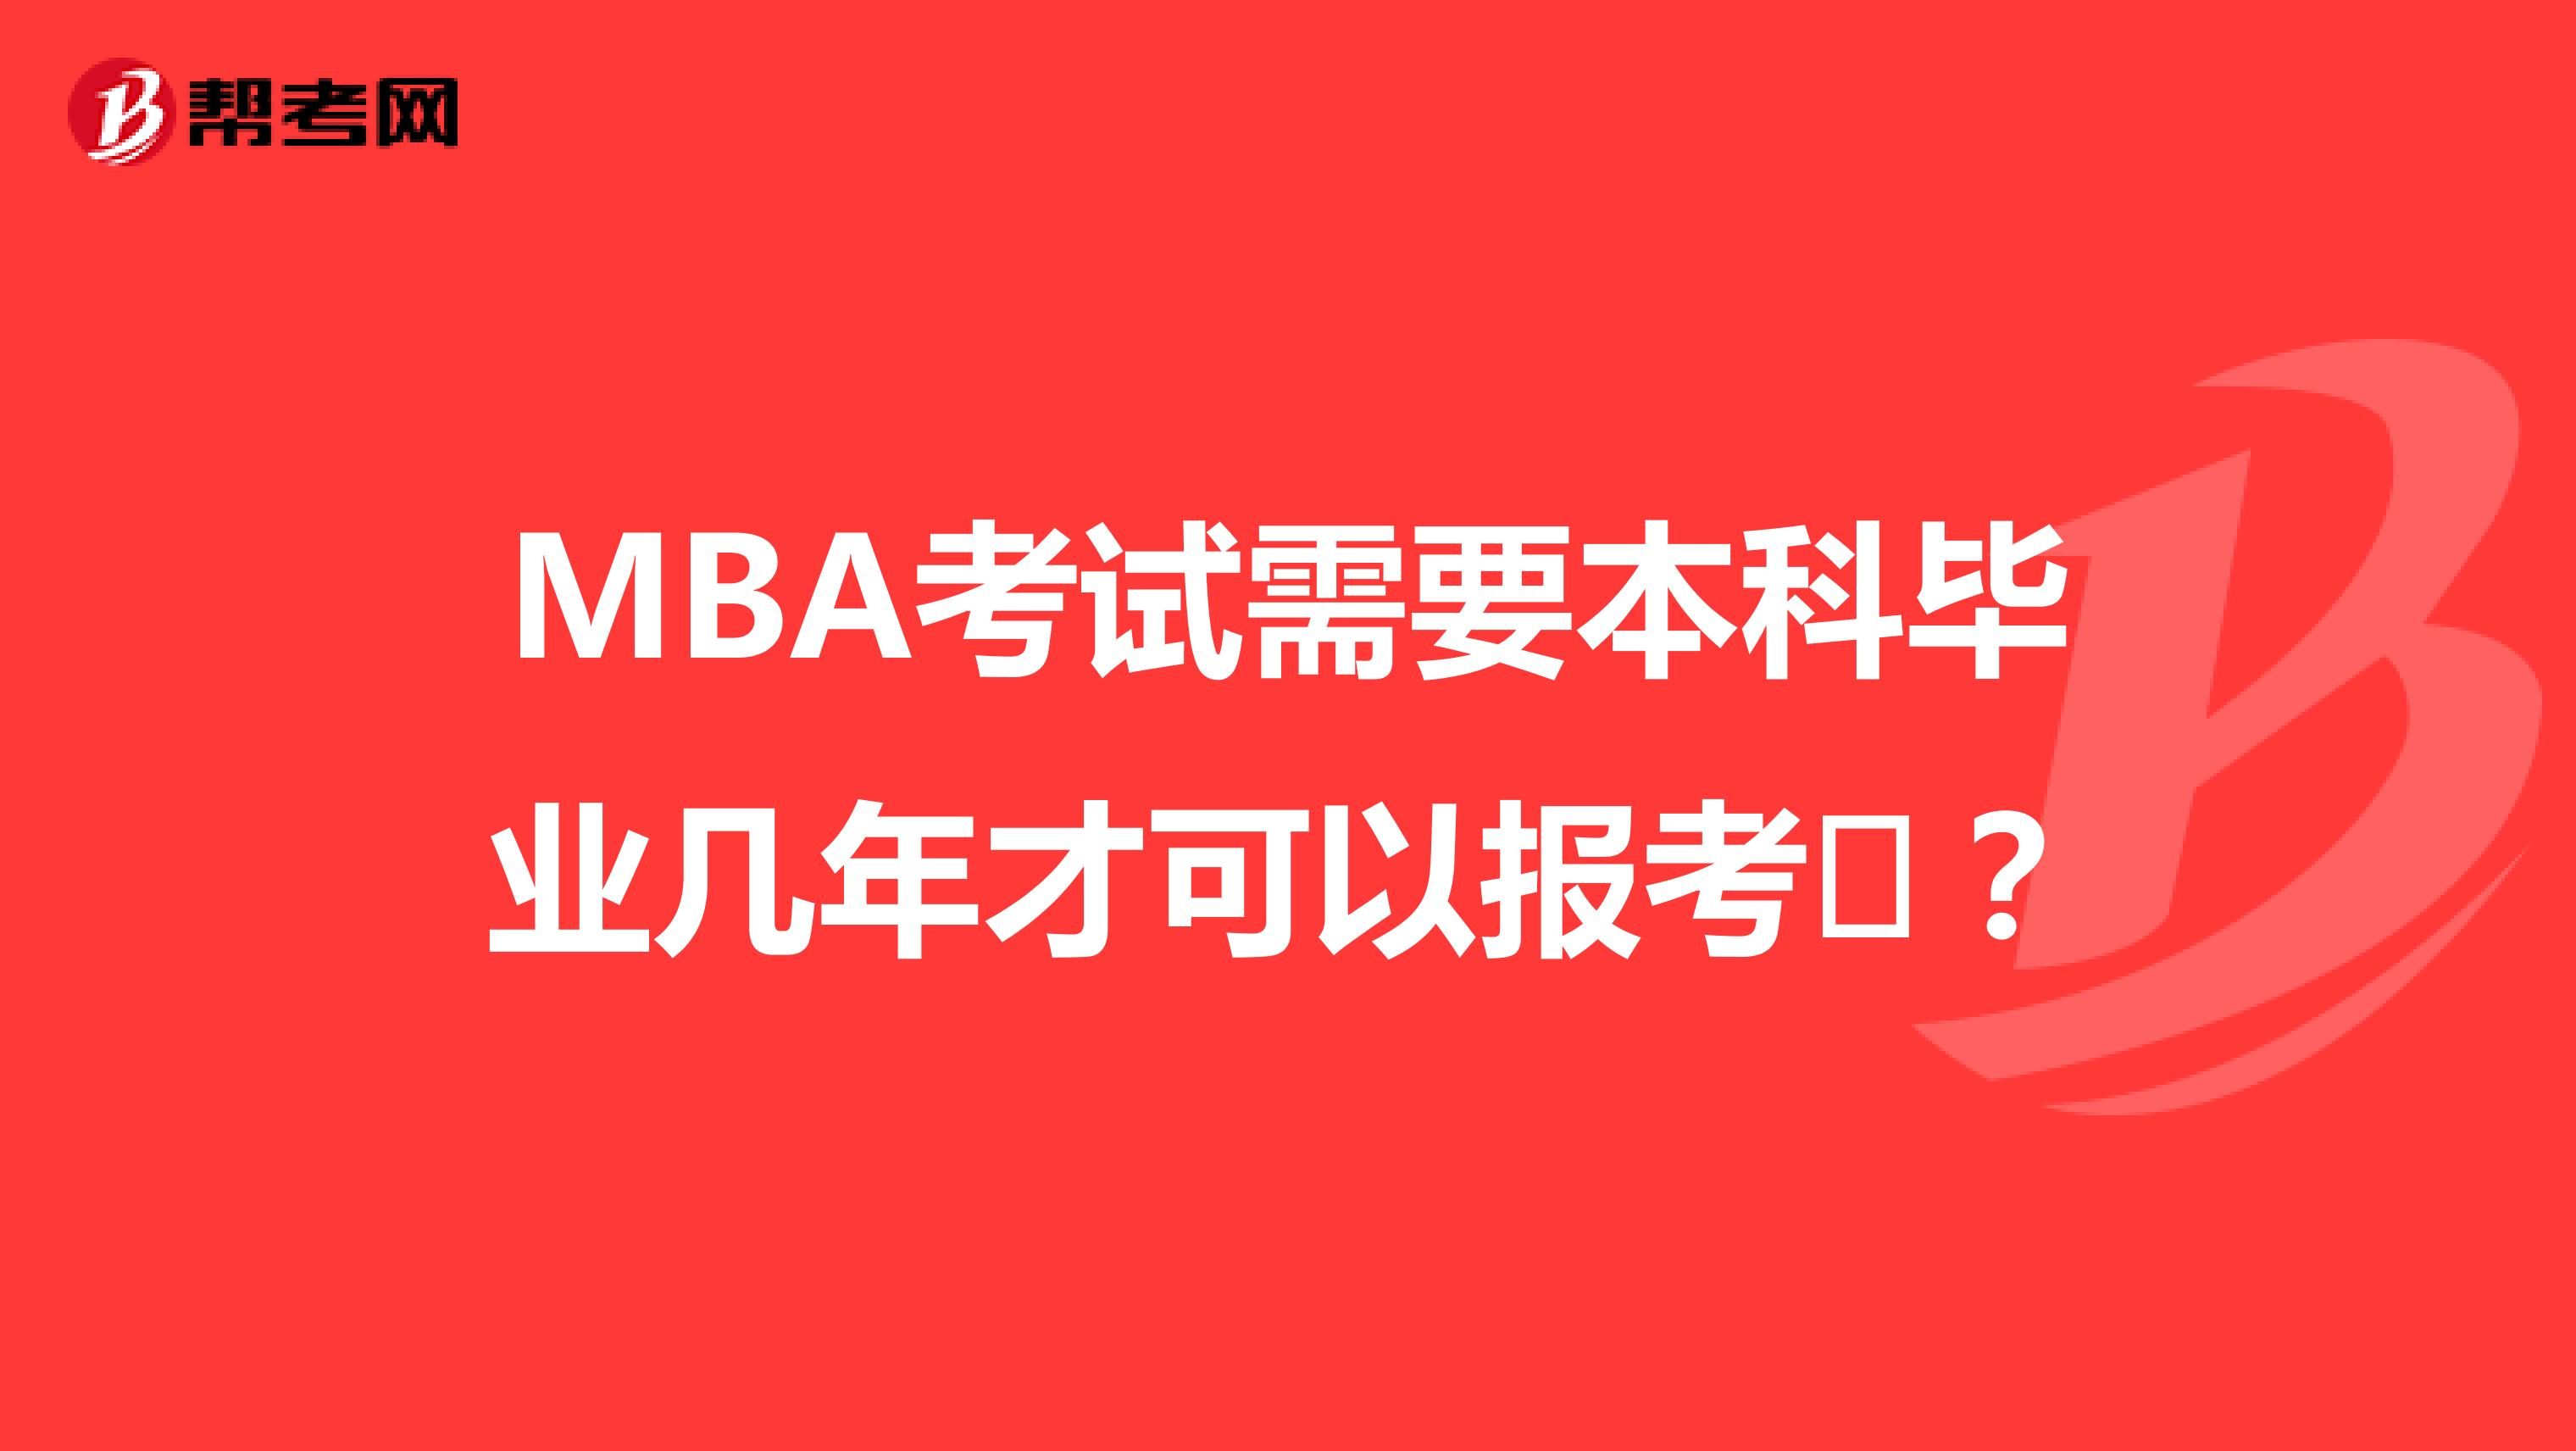 MBA考试需要本科毕业几年才可以报考?